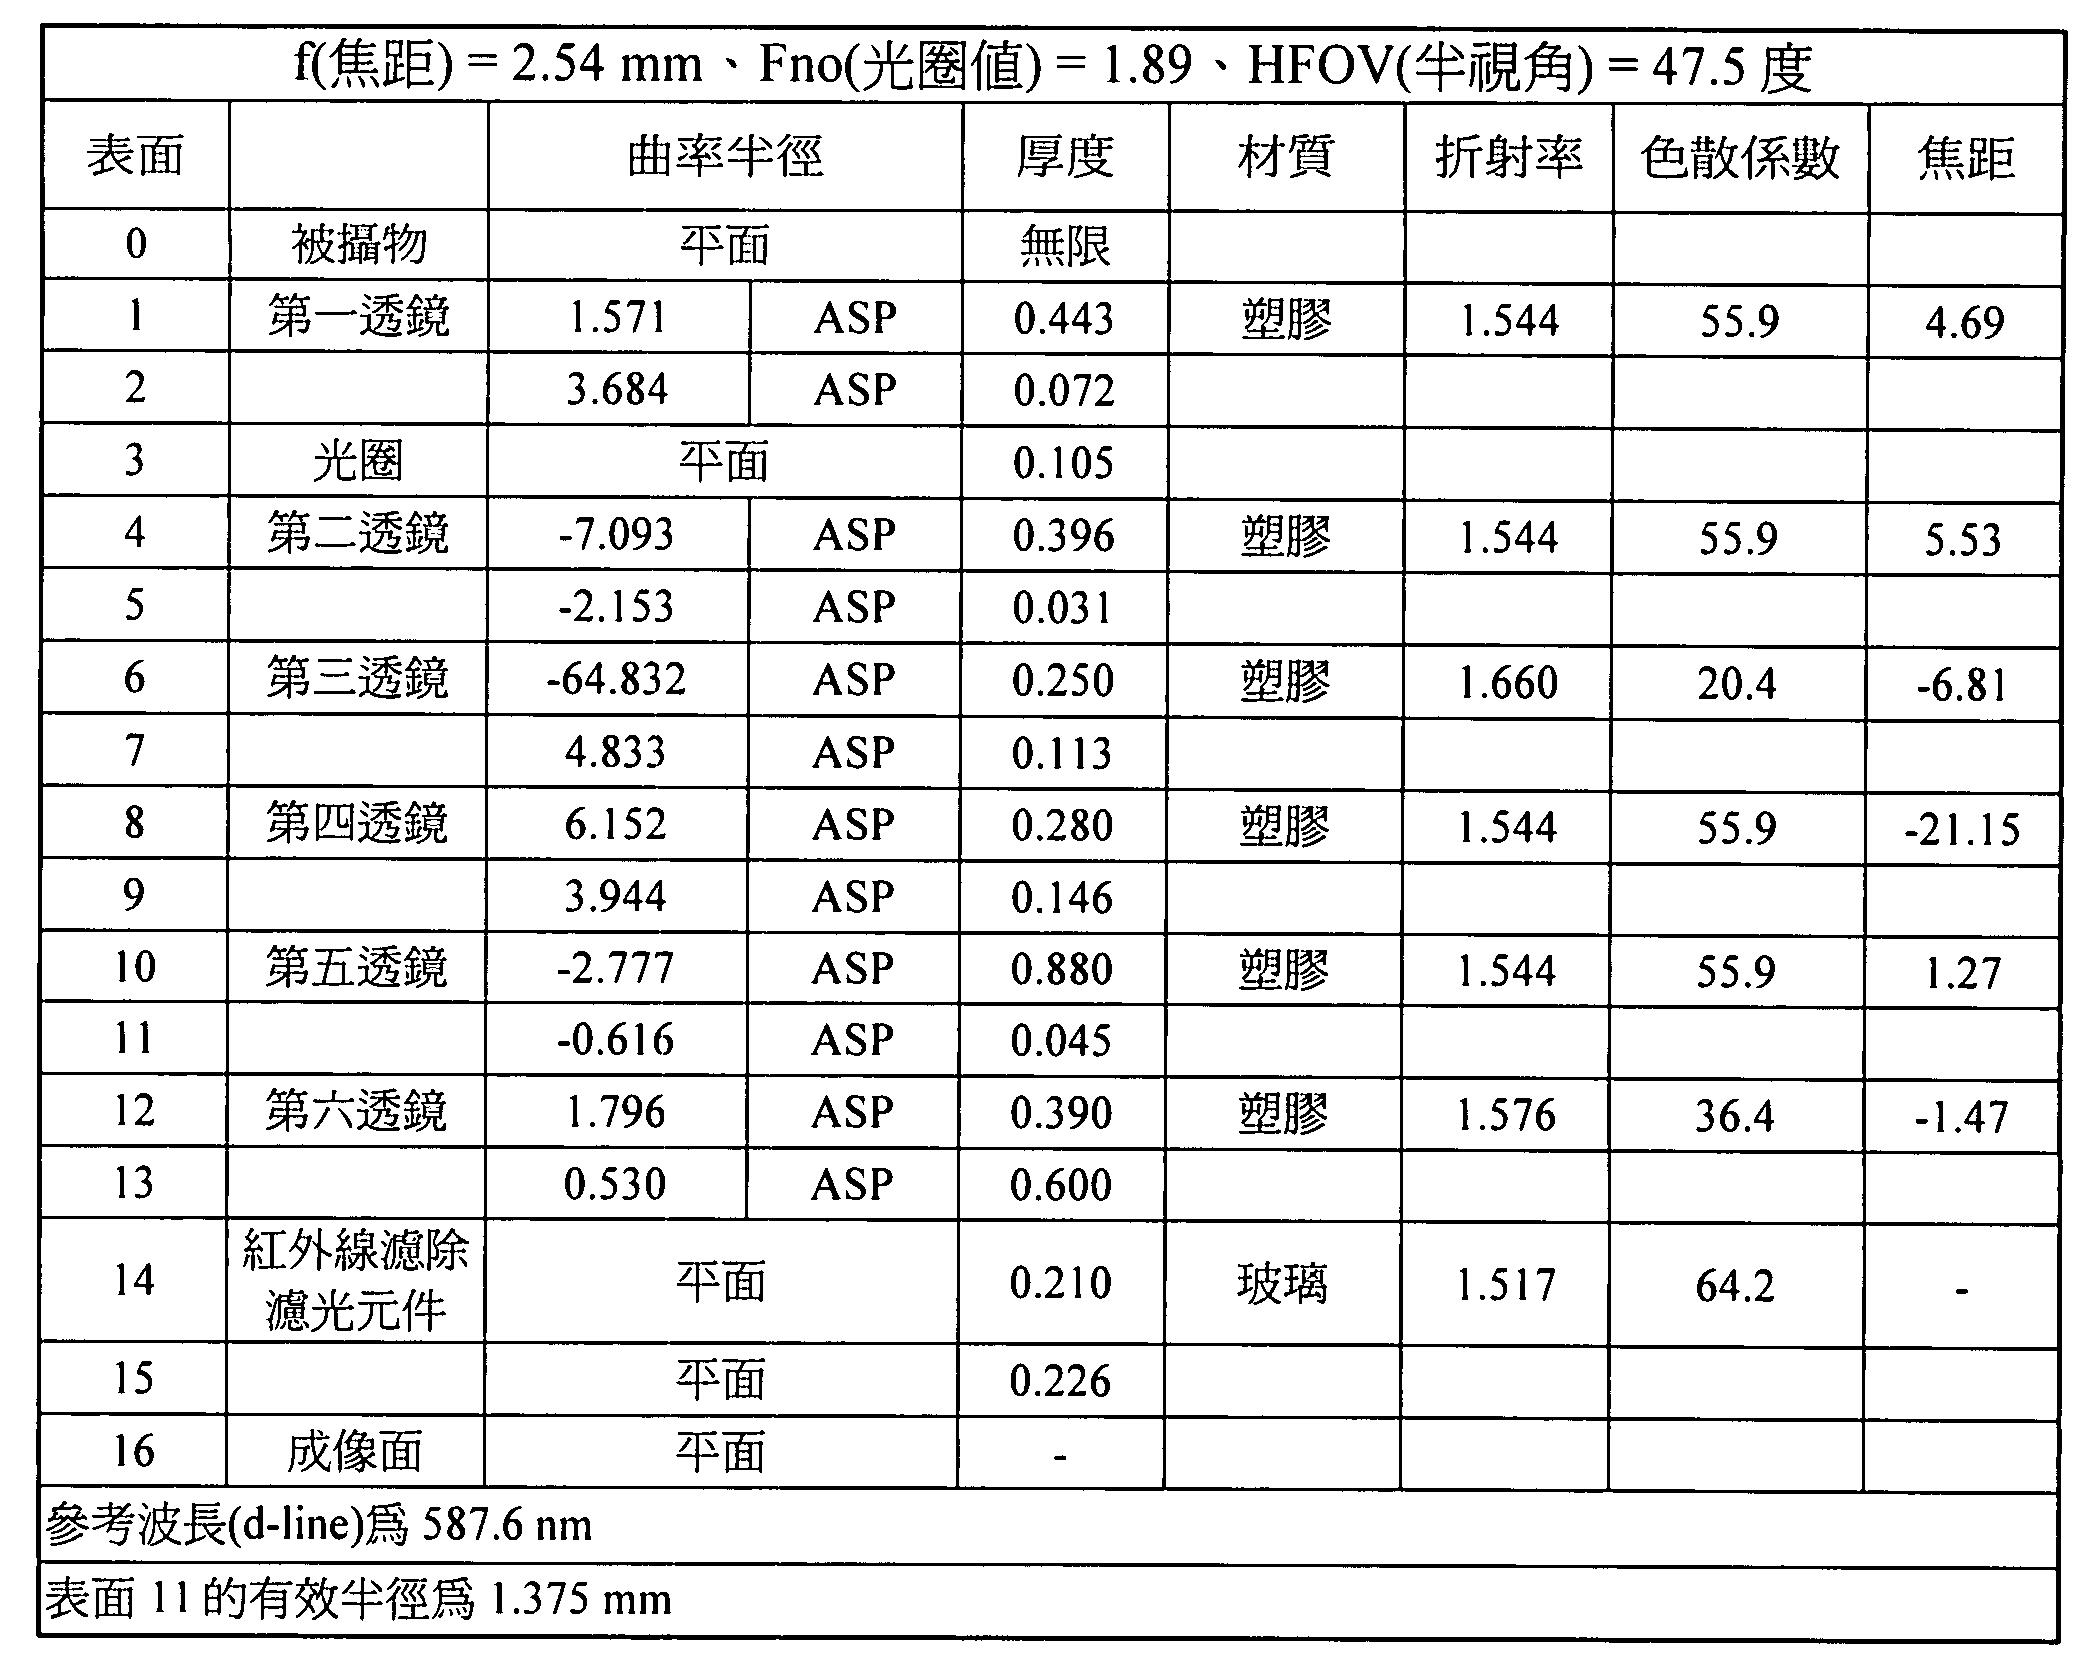 Figure TWI610090BD00018